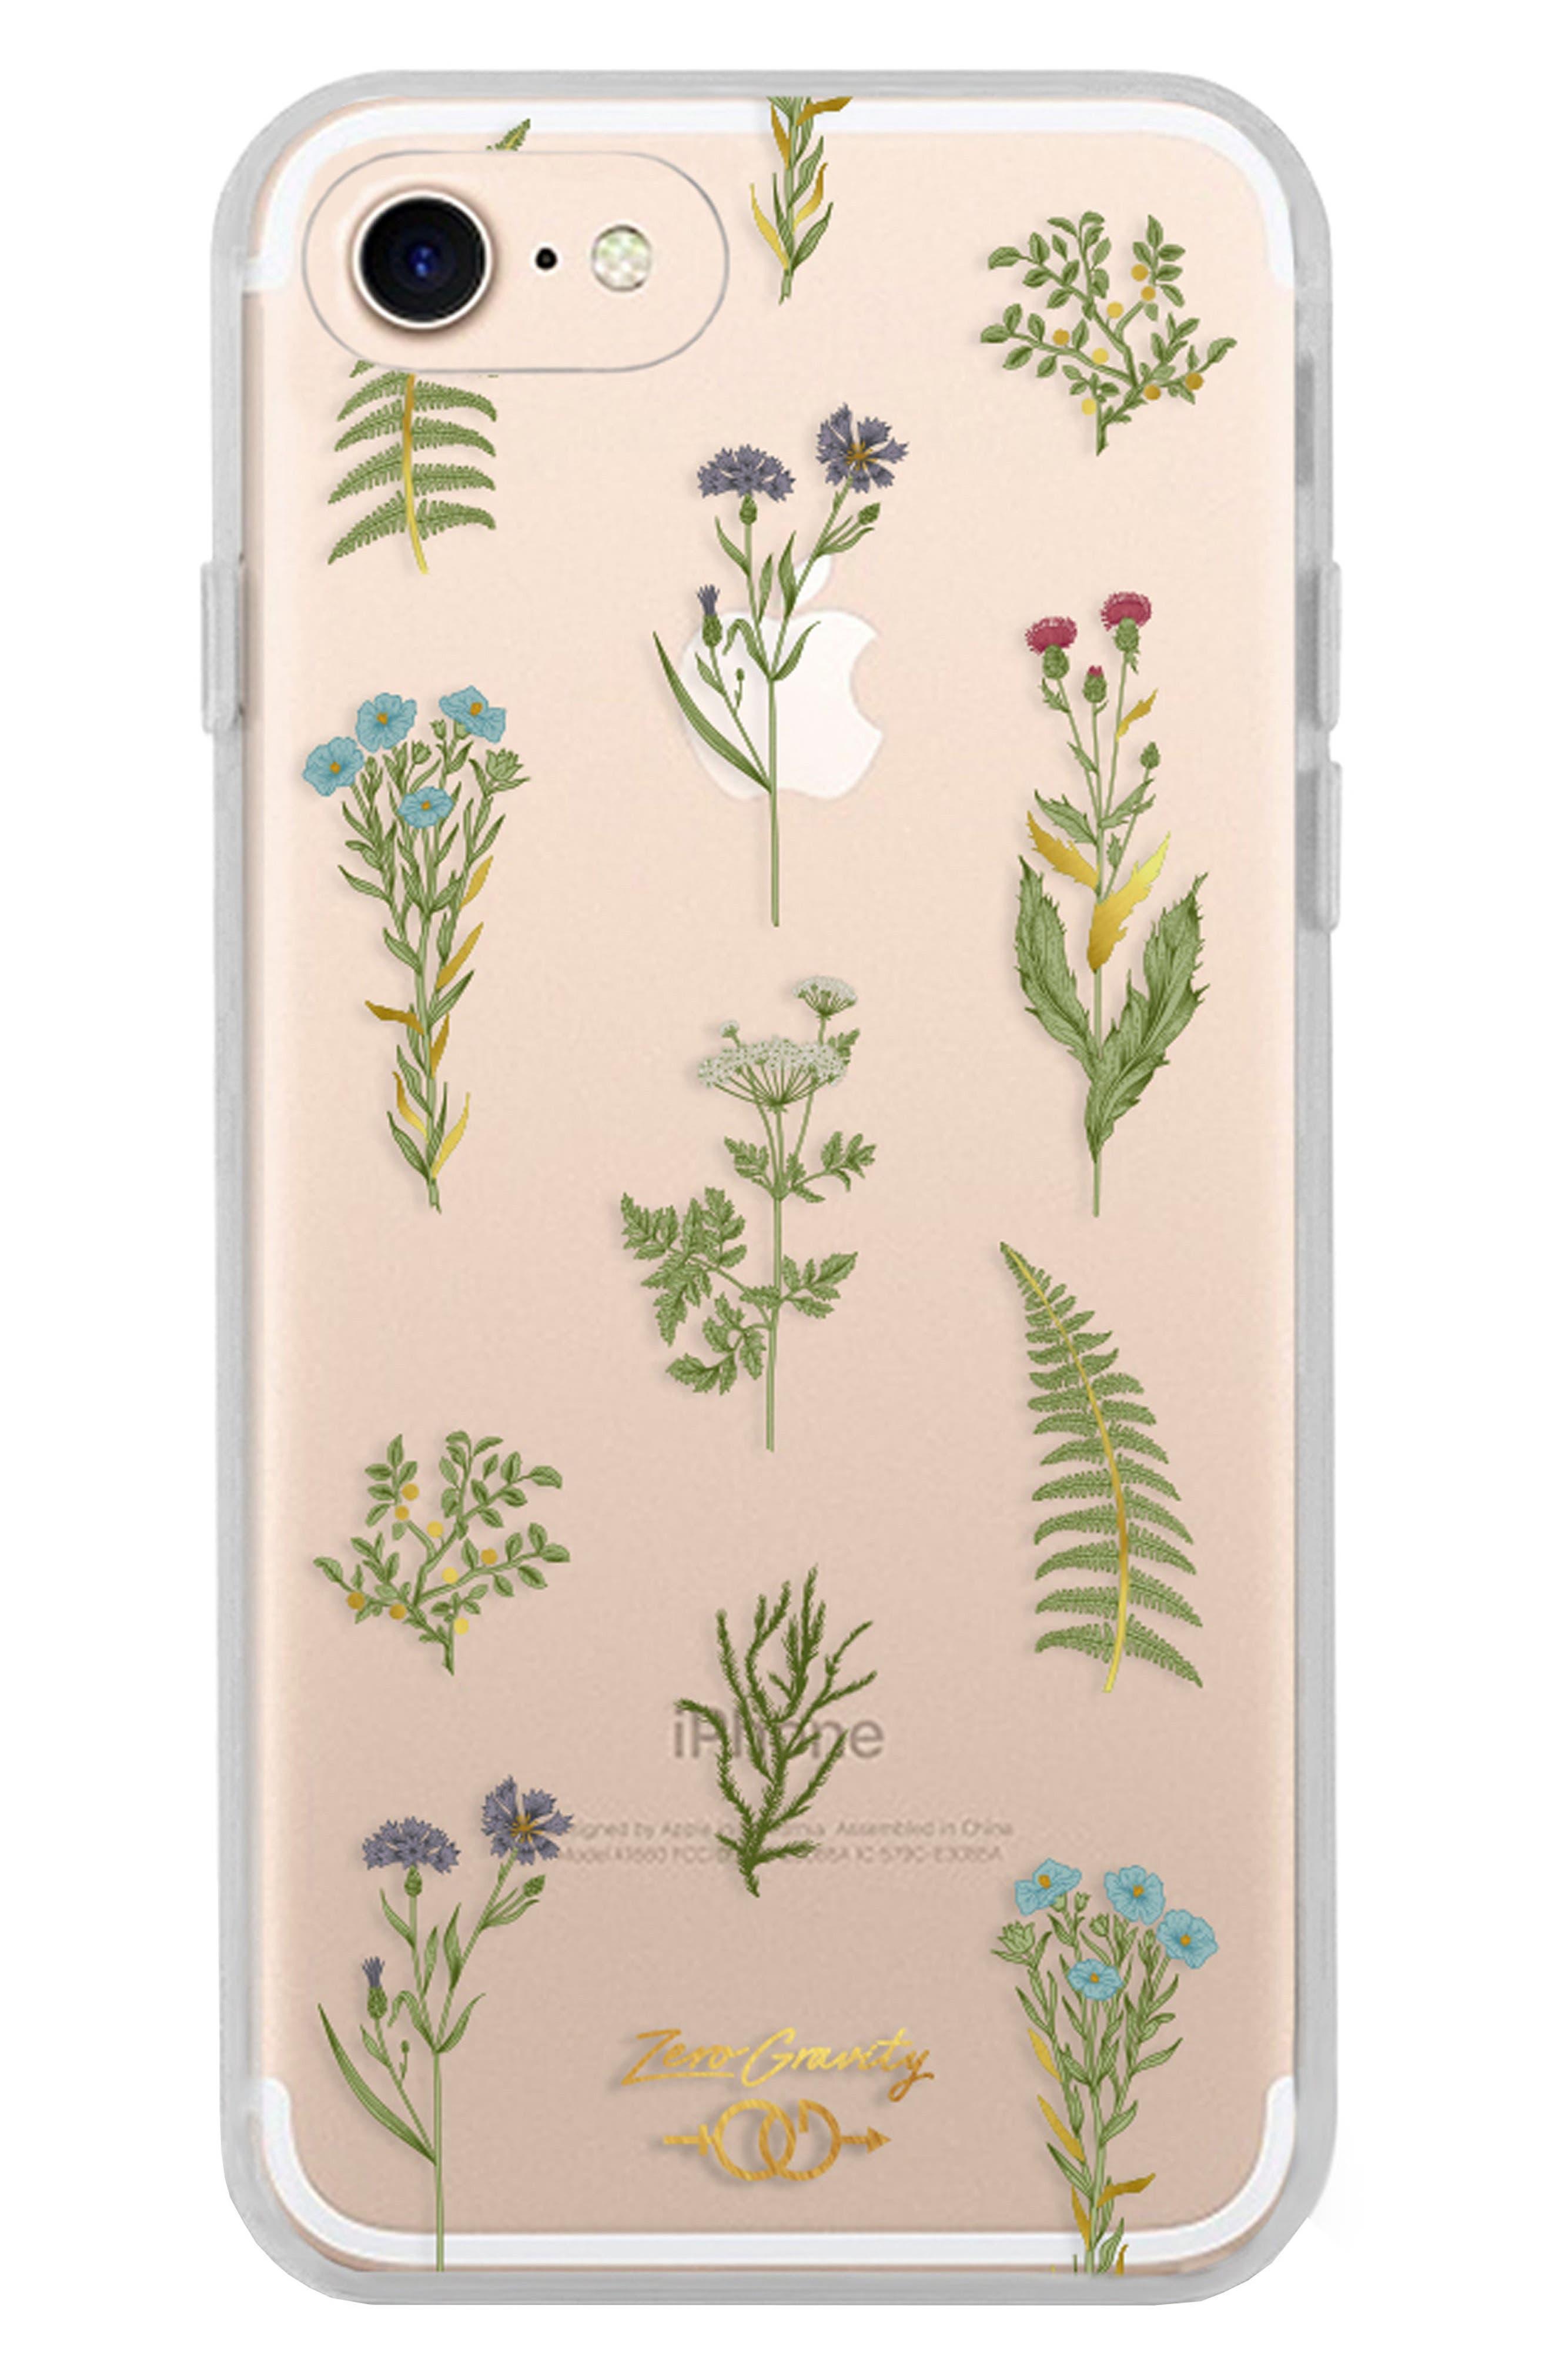 Zero Gravity Native Plants iPhone 7 & 7 Plus Case